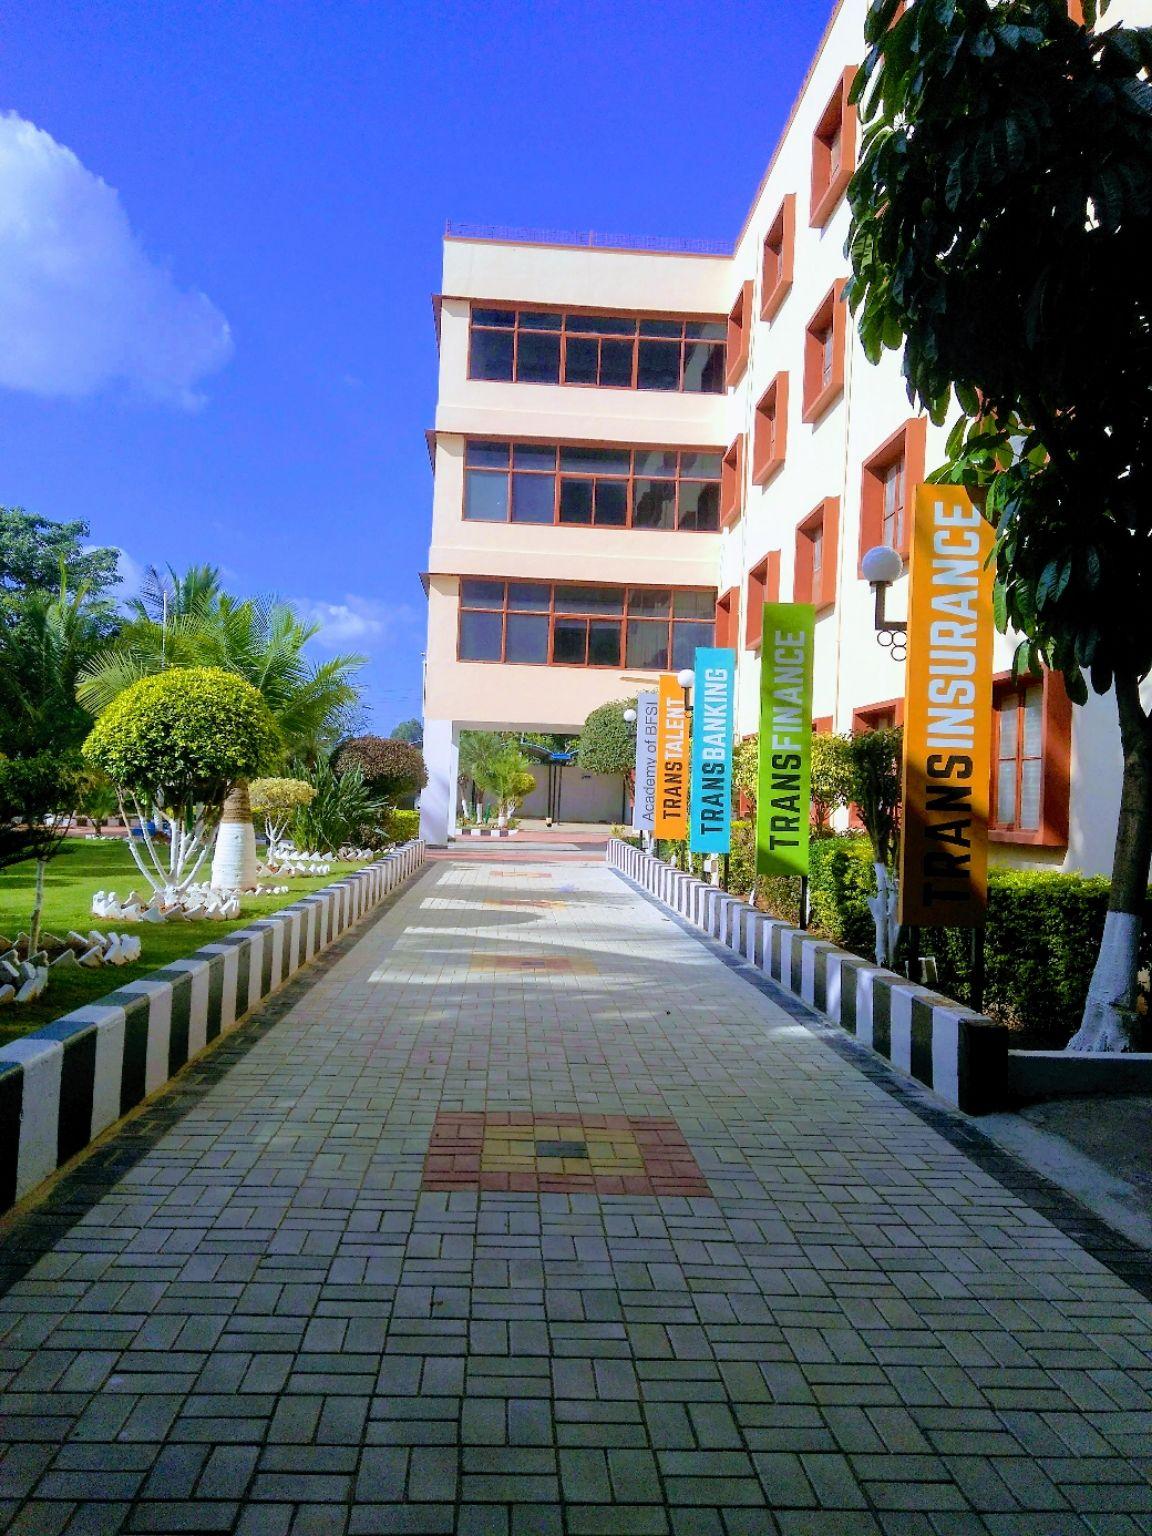 Photo of Bangalore By Lipi L